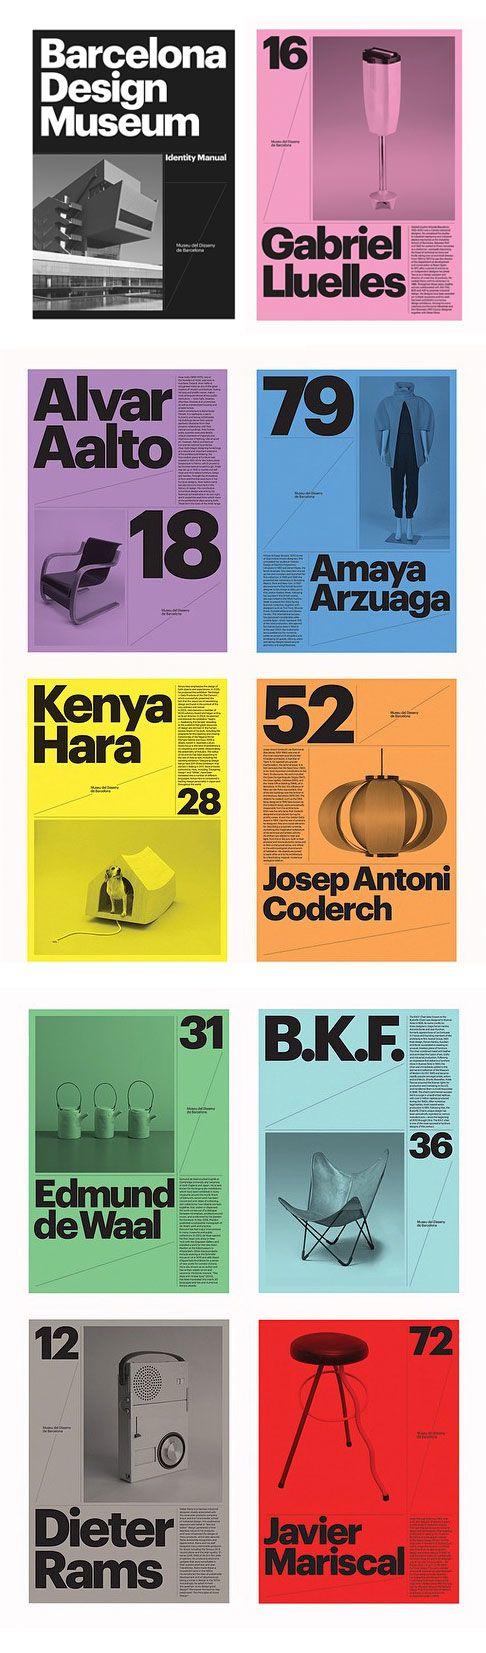 Limited Color Palette / Duotones / Each slide diff color /// Barcelona Design Museum - Atlas                                                                                                                                                      More